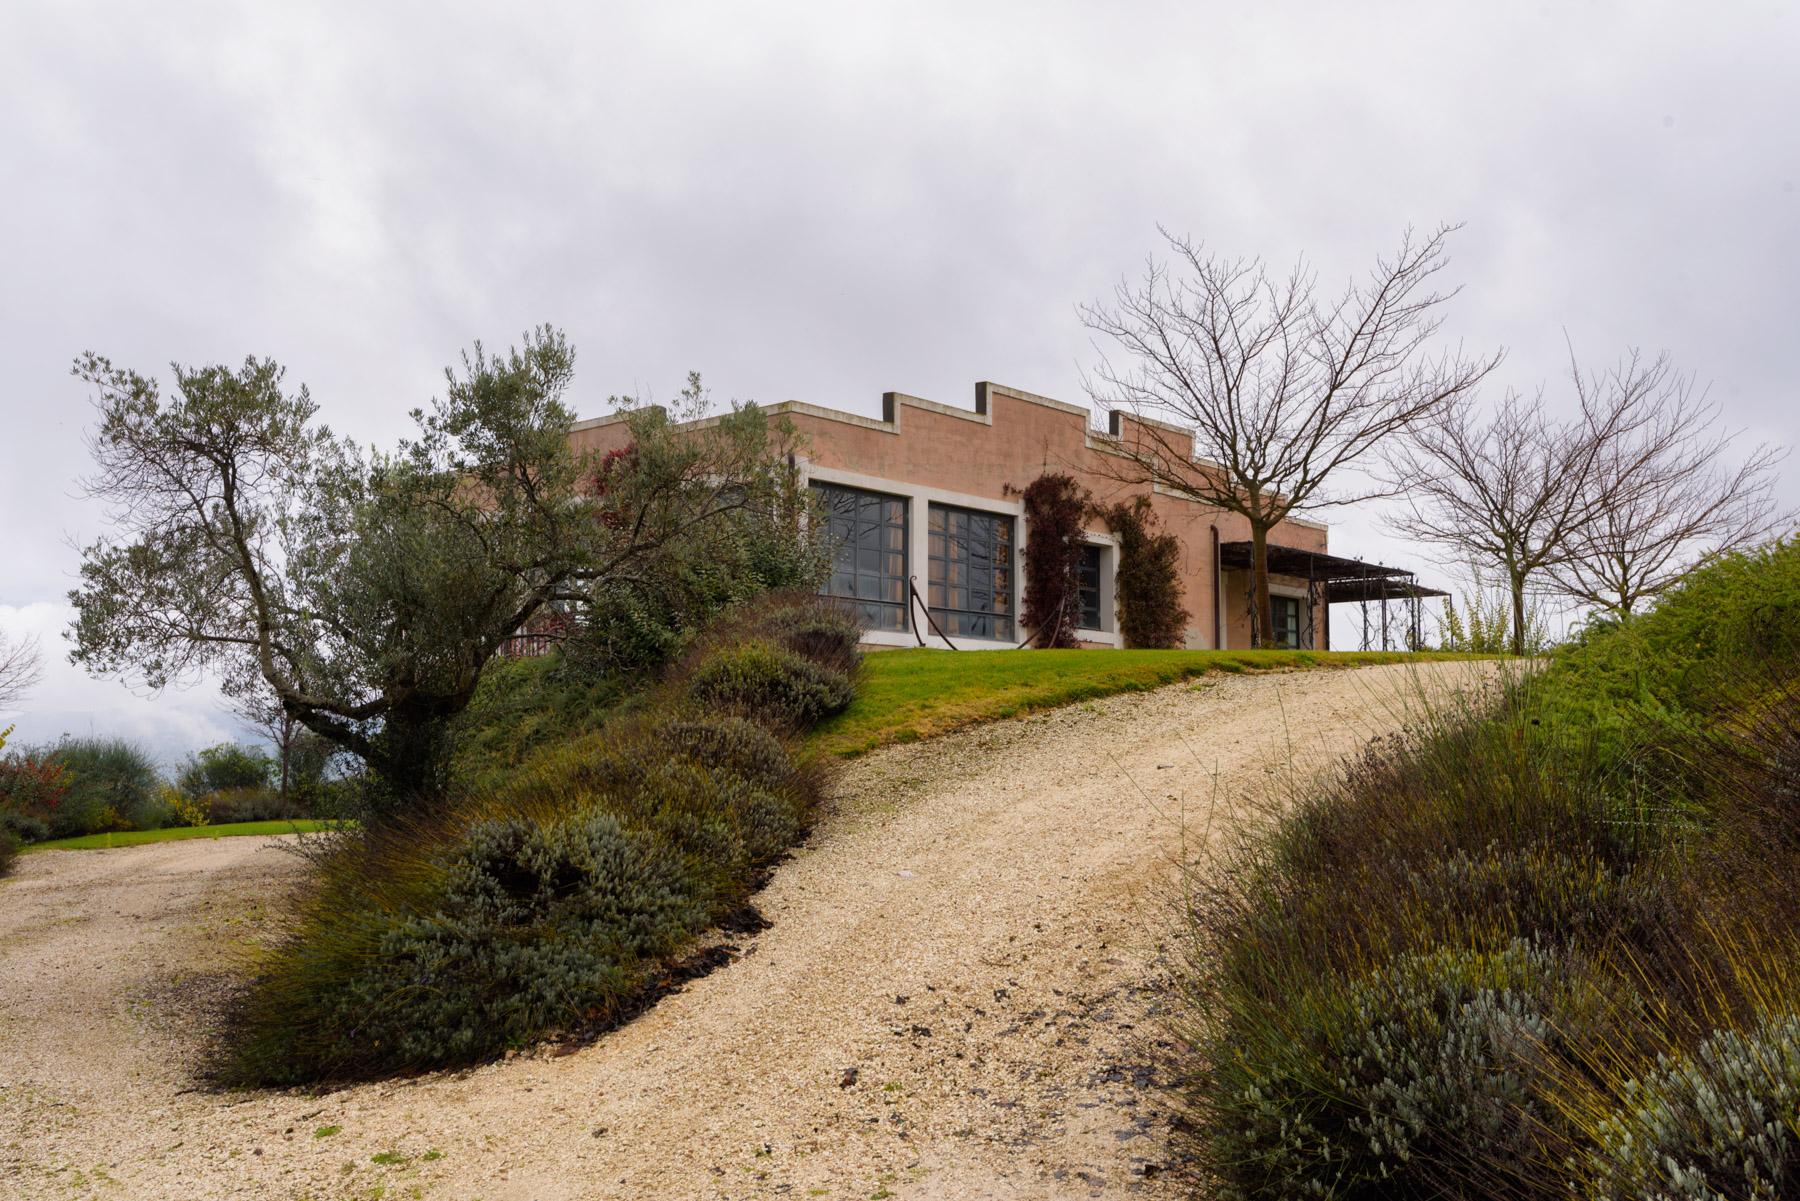 Villa in Vendita a Collazzone: 5 locali, 409 mq - Foto 2